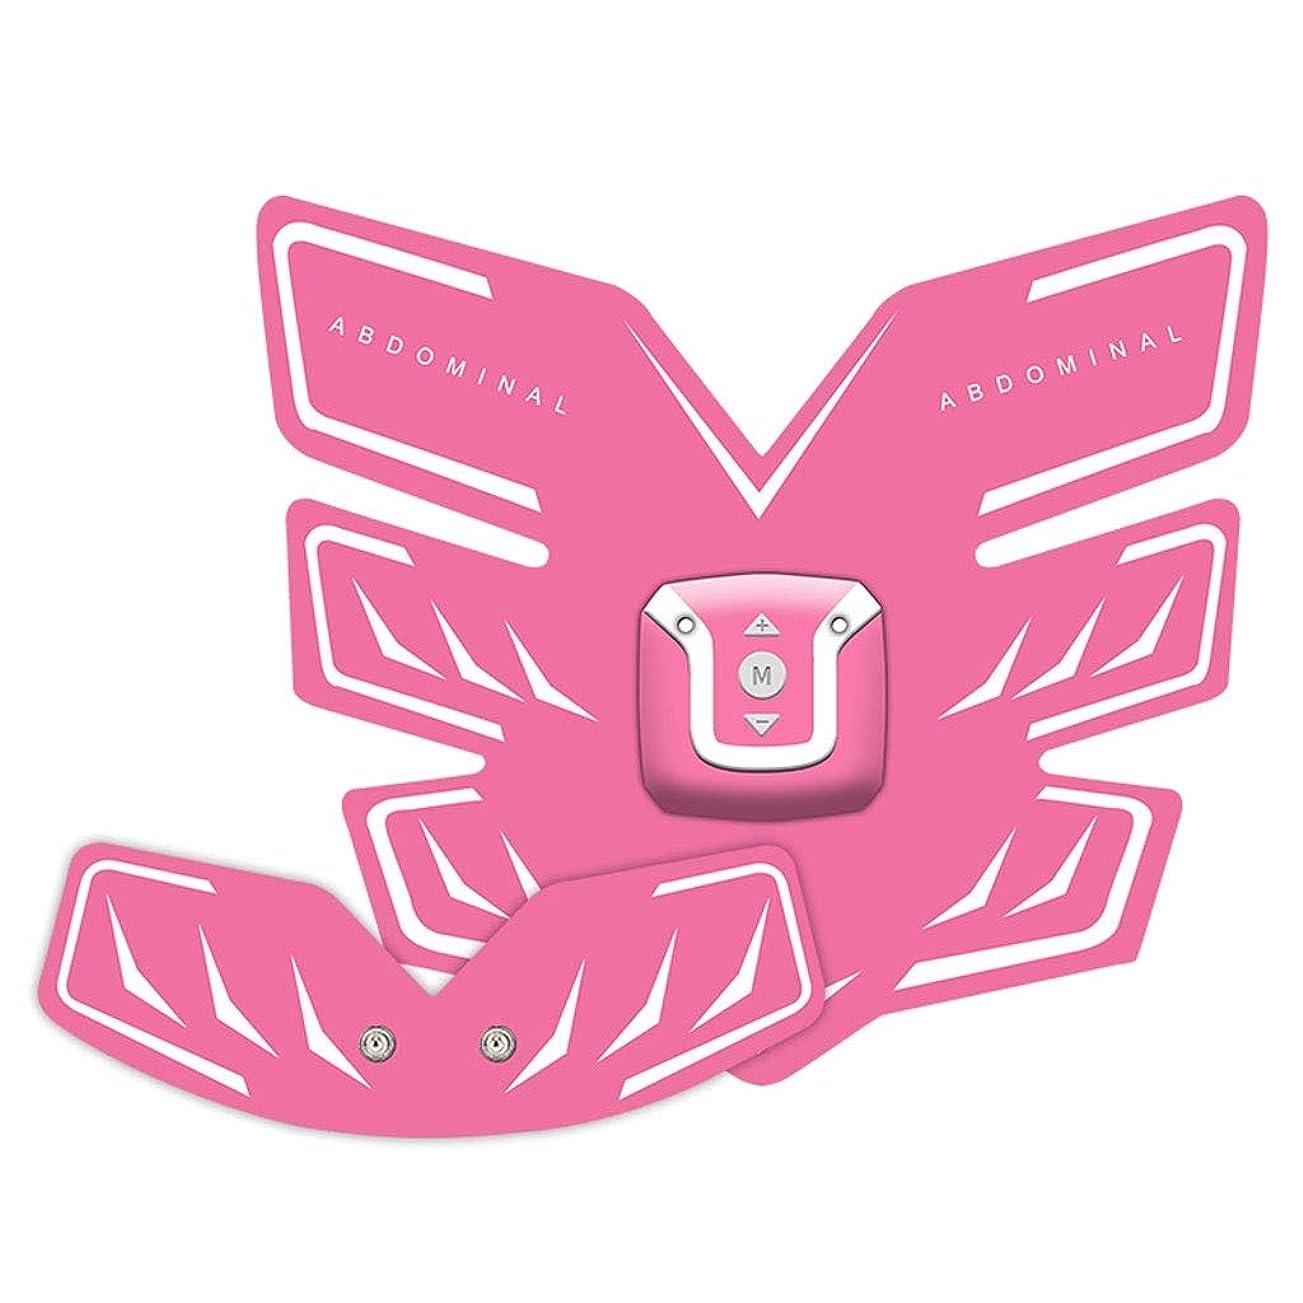 ジェット障害者恐竜Usb充電筋肉トナー腹筋absシミュレータ腹部トレーニングワイヤレスemsトレーニングホームオフィス用腹部腕脚トレーニングホームオフィスエクササイズ (Color : Pink, Size : A+B)